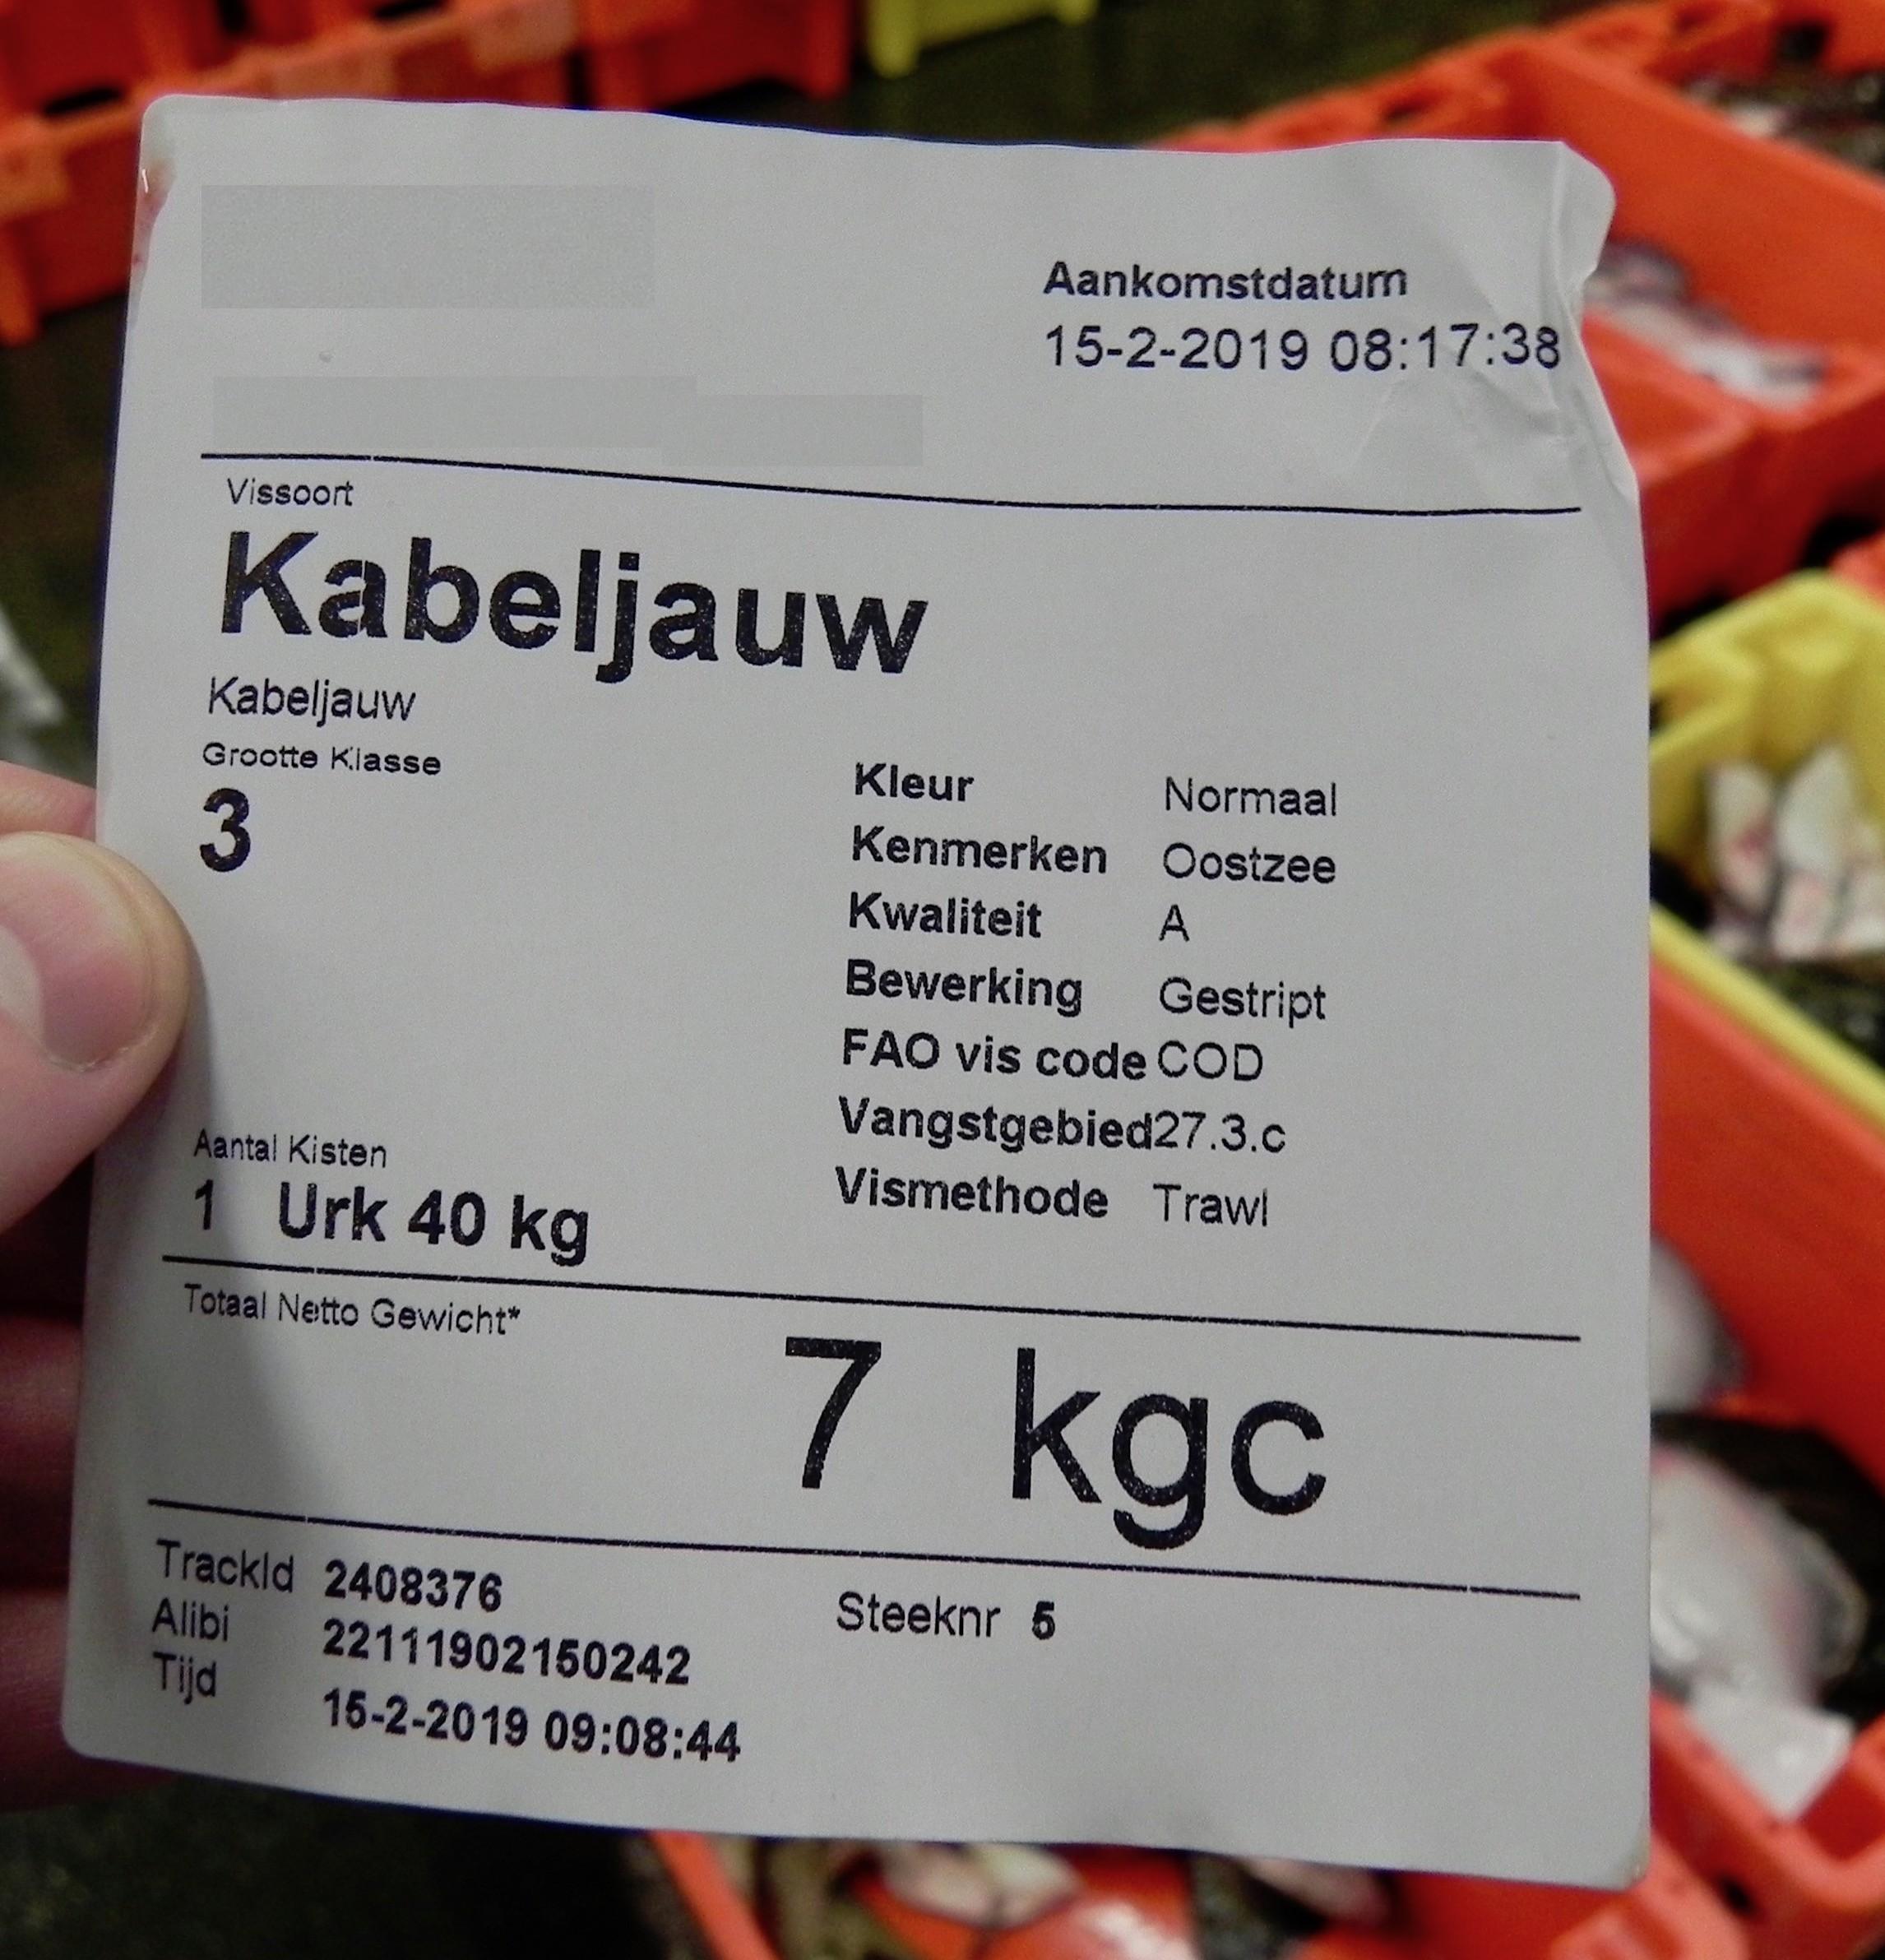 Etiket kabeljauw op de visafslag